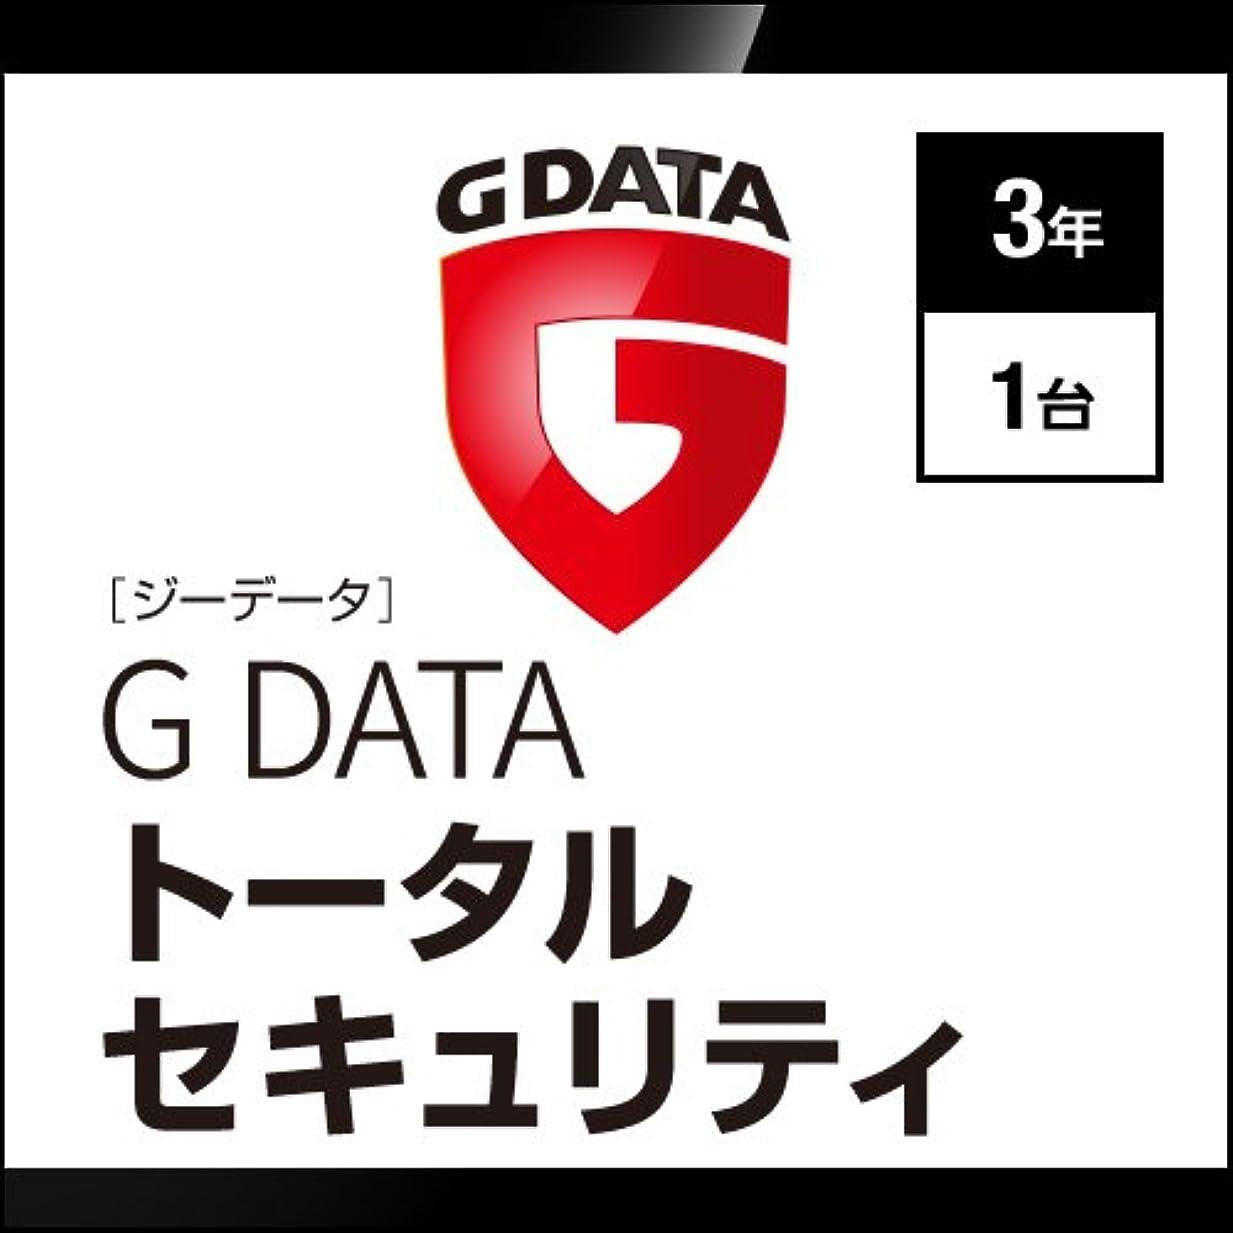 活気づく付属品内陸G DATA トータルセキュリティ 3年1台 ダウンロード版